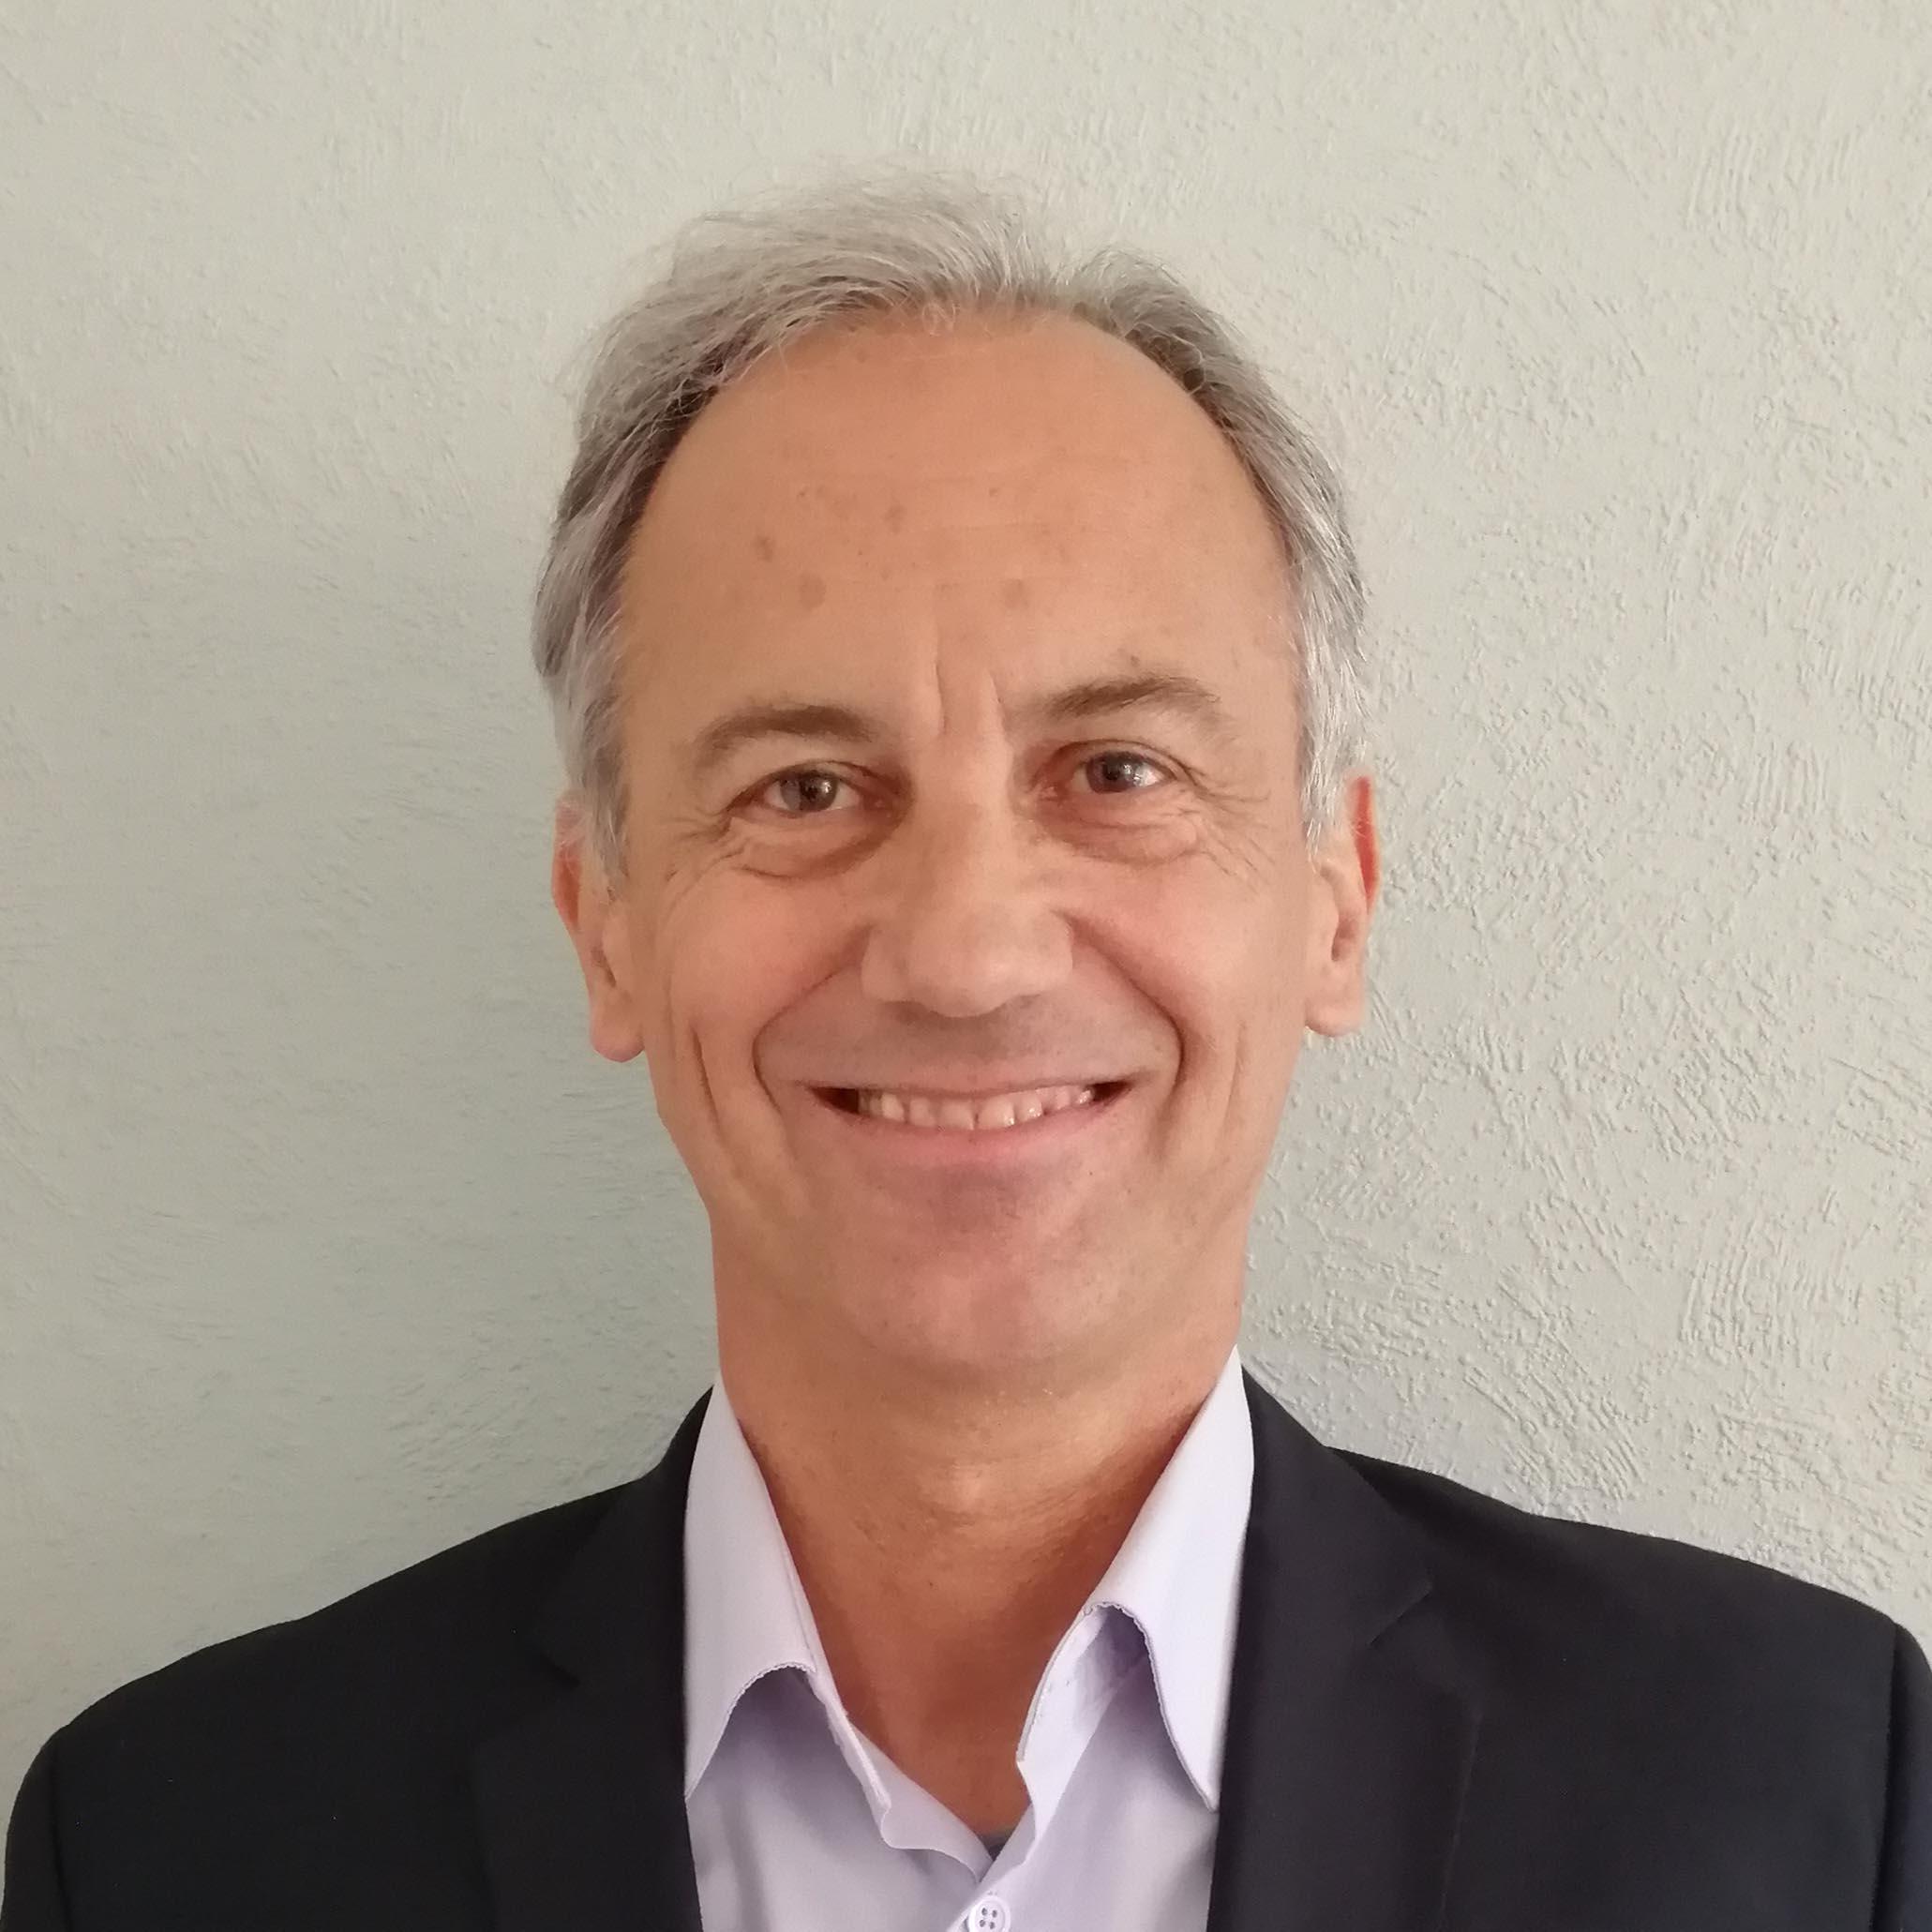 Bertrand Eichinger